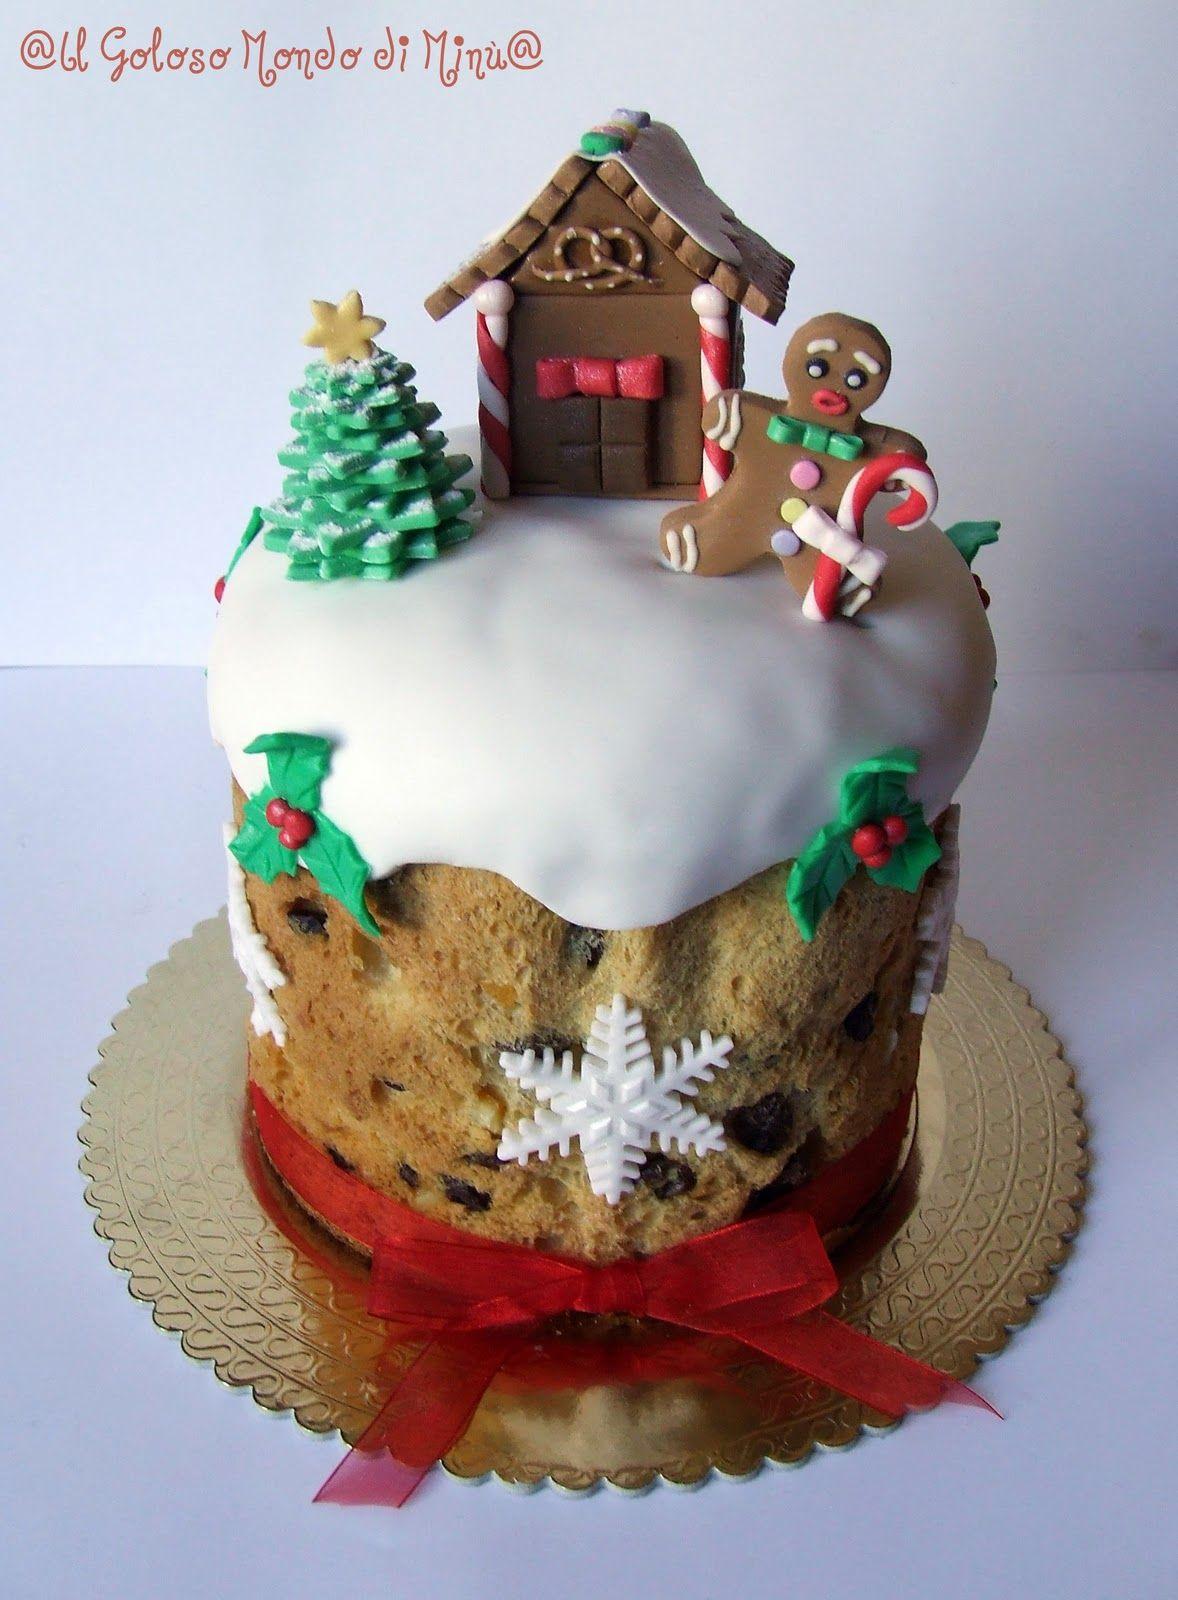 Torte Decorate Per Natale panettone e pandoro decorati per un natale dolcissimo